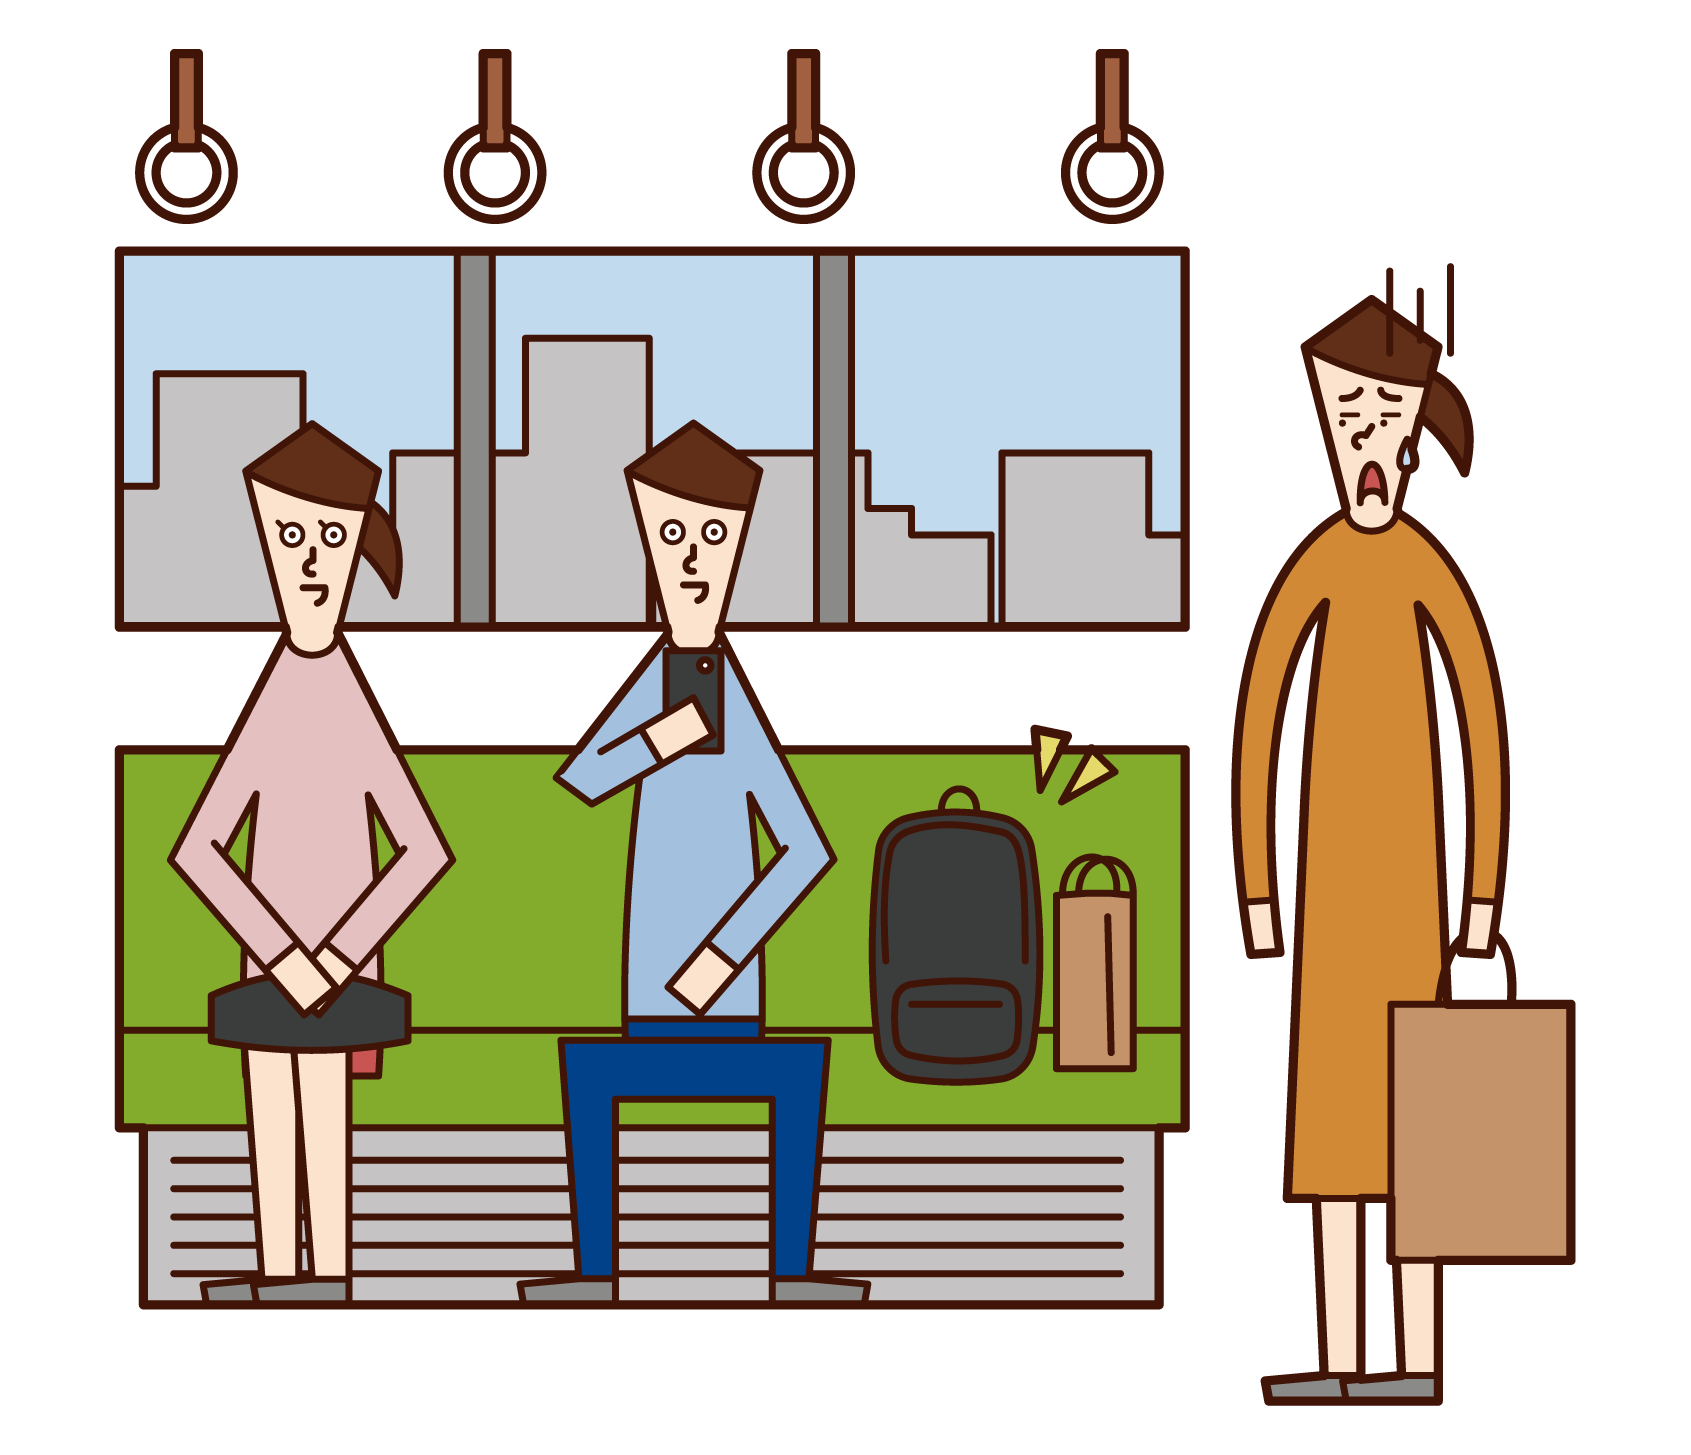 기차 좌석에 수하물을 넣은 사람들의 일러스트